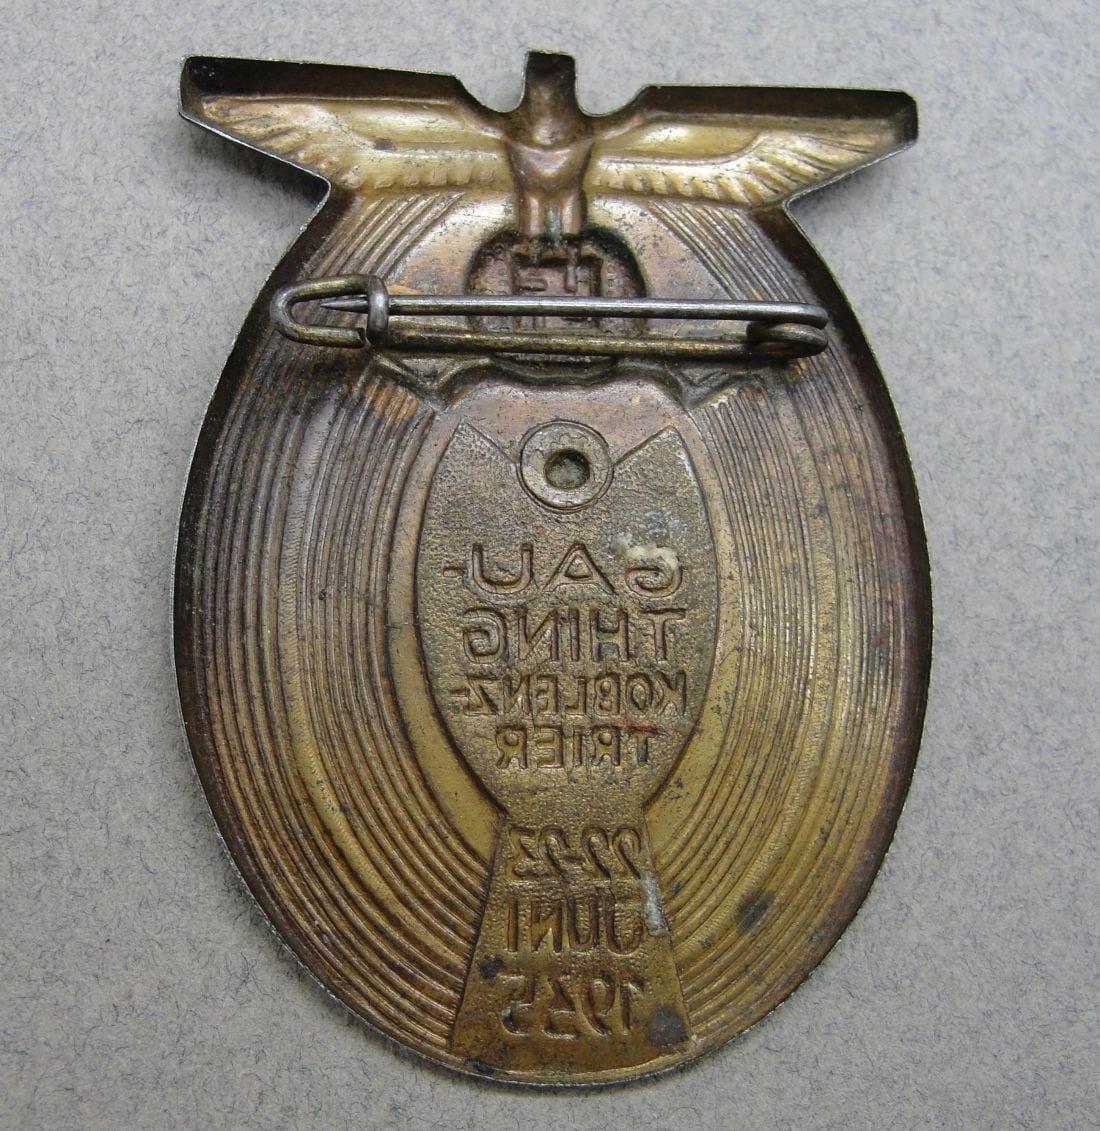 1935 Gau Thing Koblenz Trier Day Badge